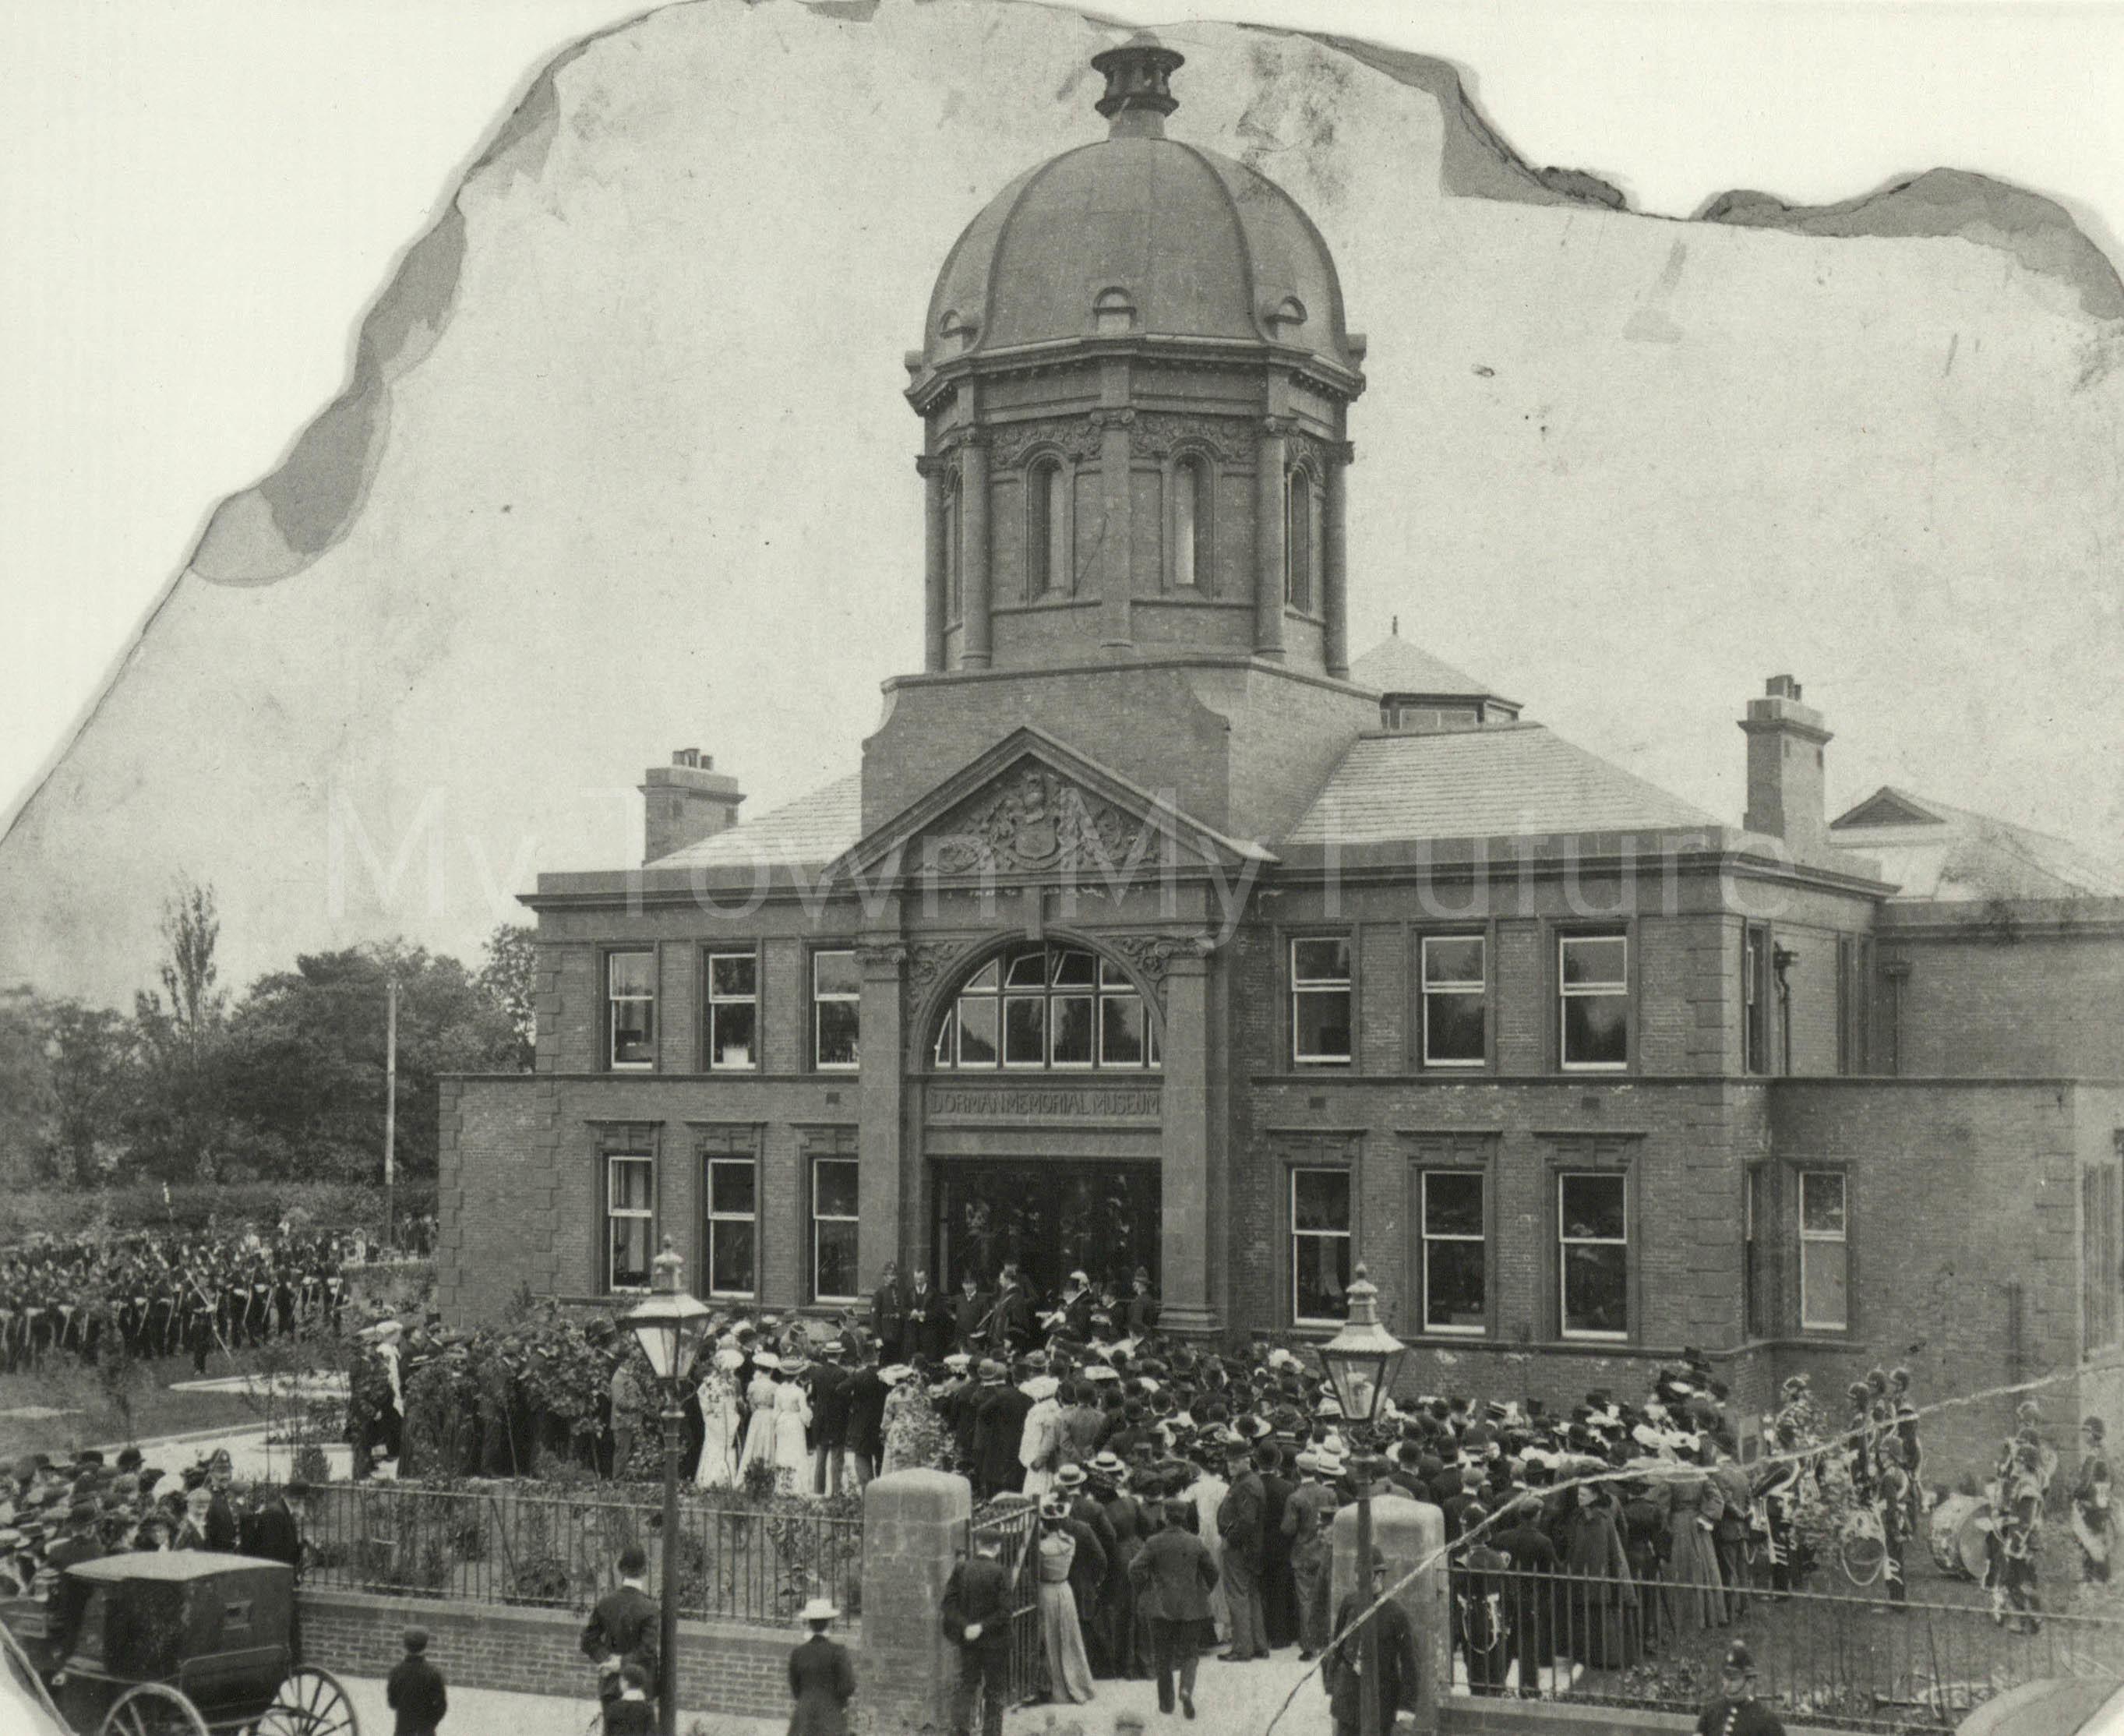 Dorman Museum Opening, 1904